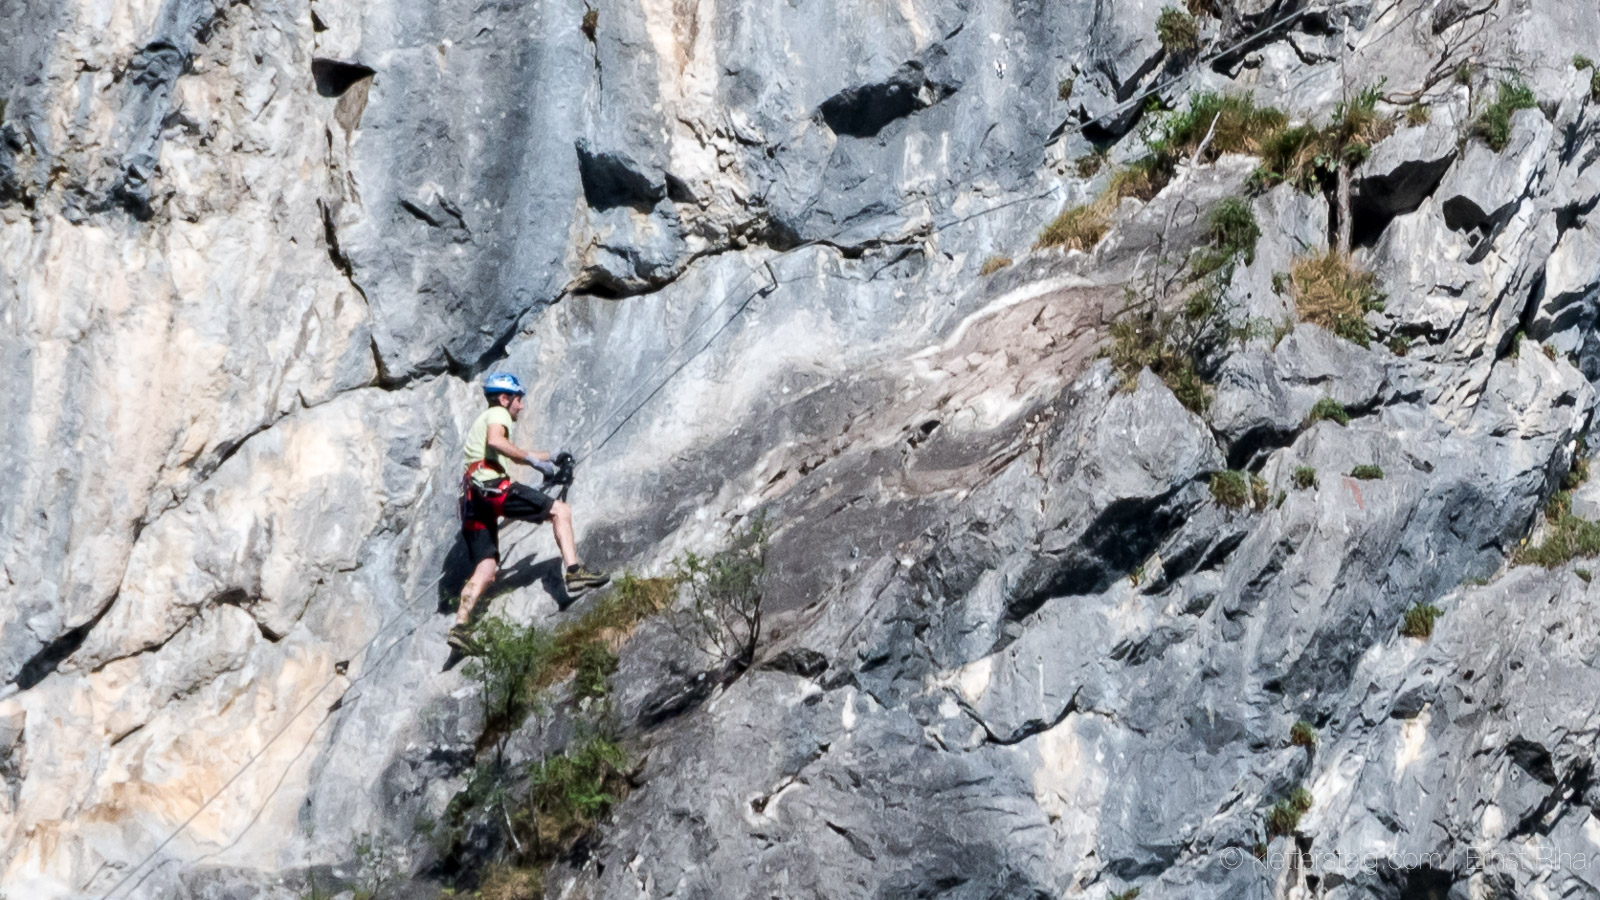 Klettersteig Obergurgl : Tomosuper klettersteige